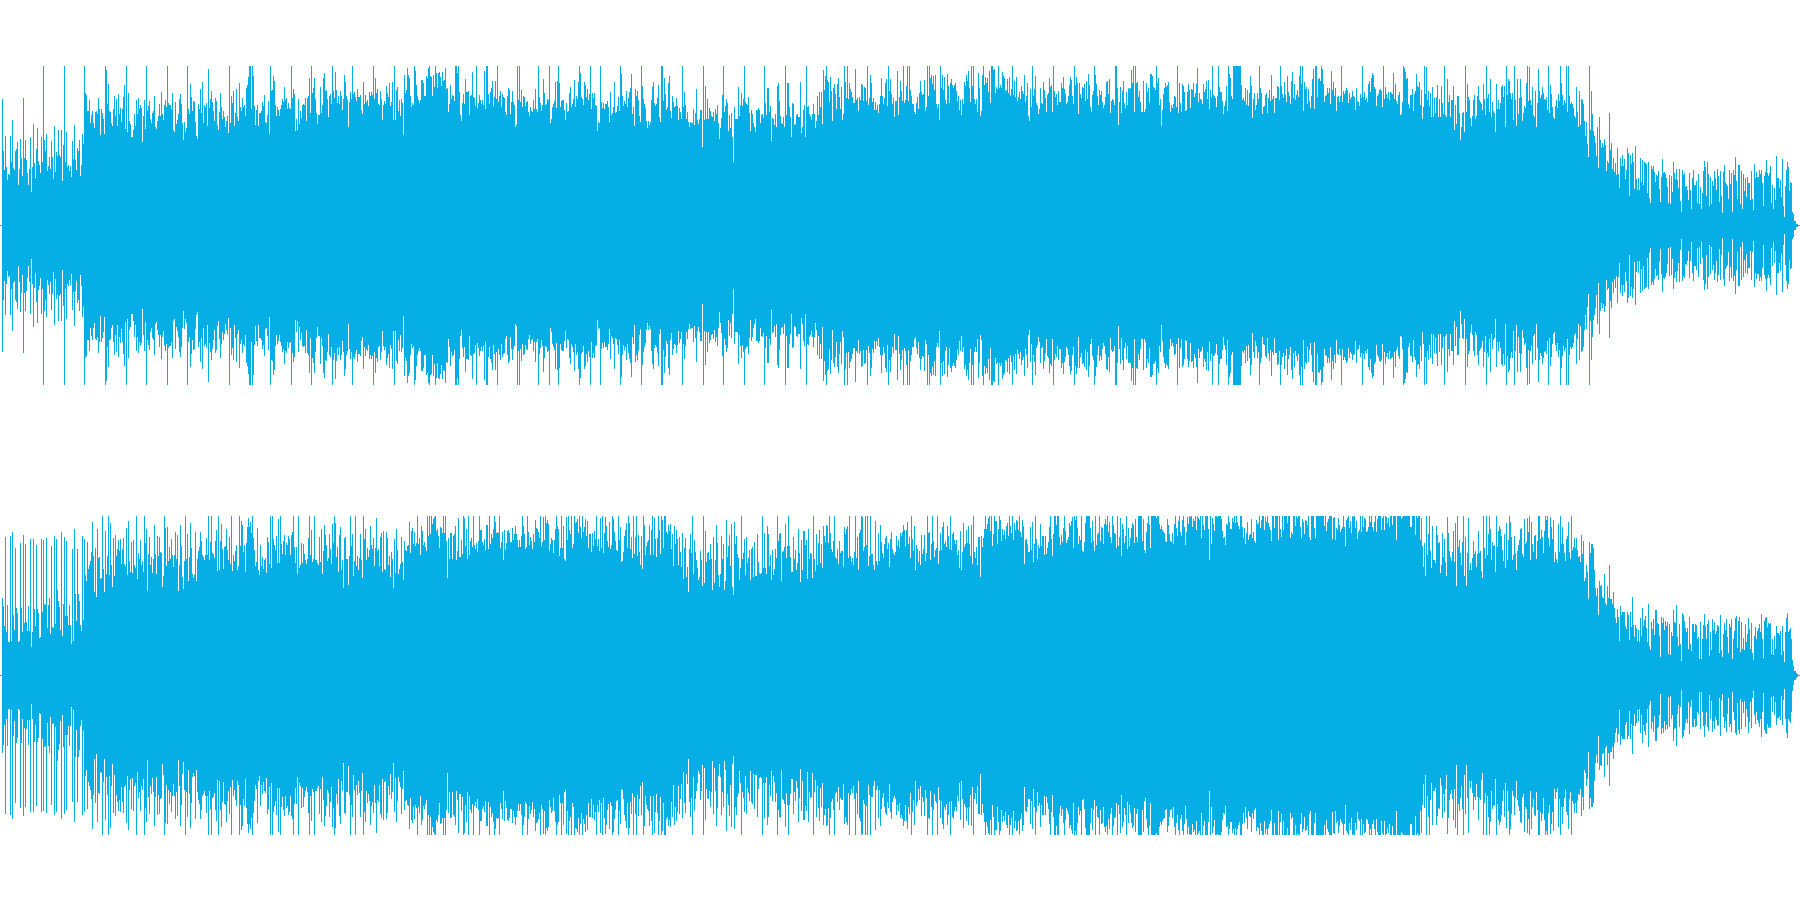 感動的なオーケストラ風の再生済みの波形